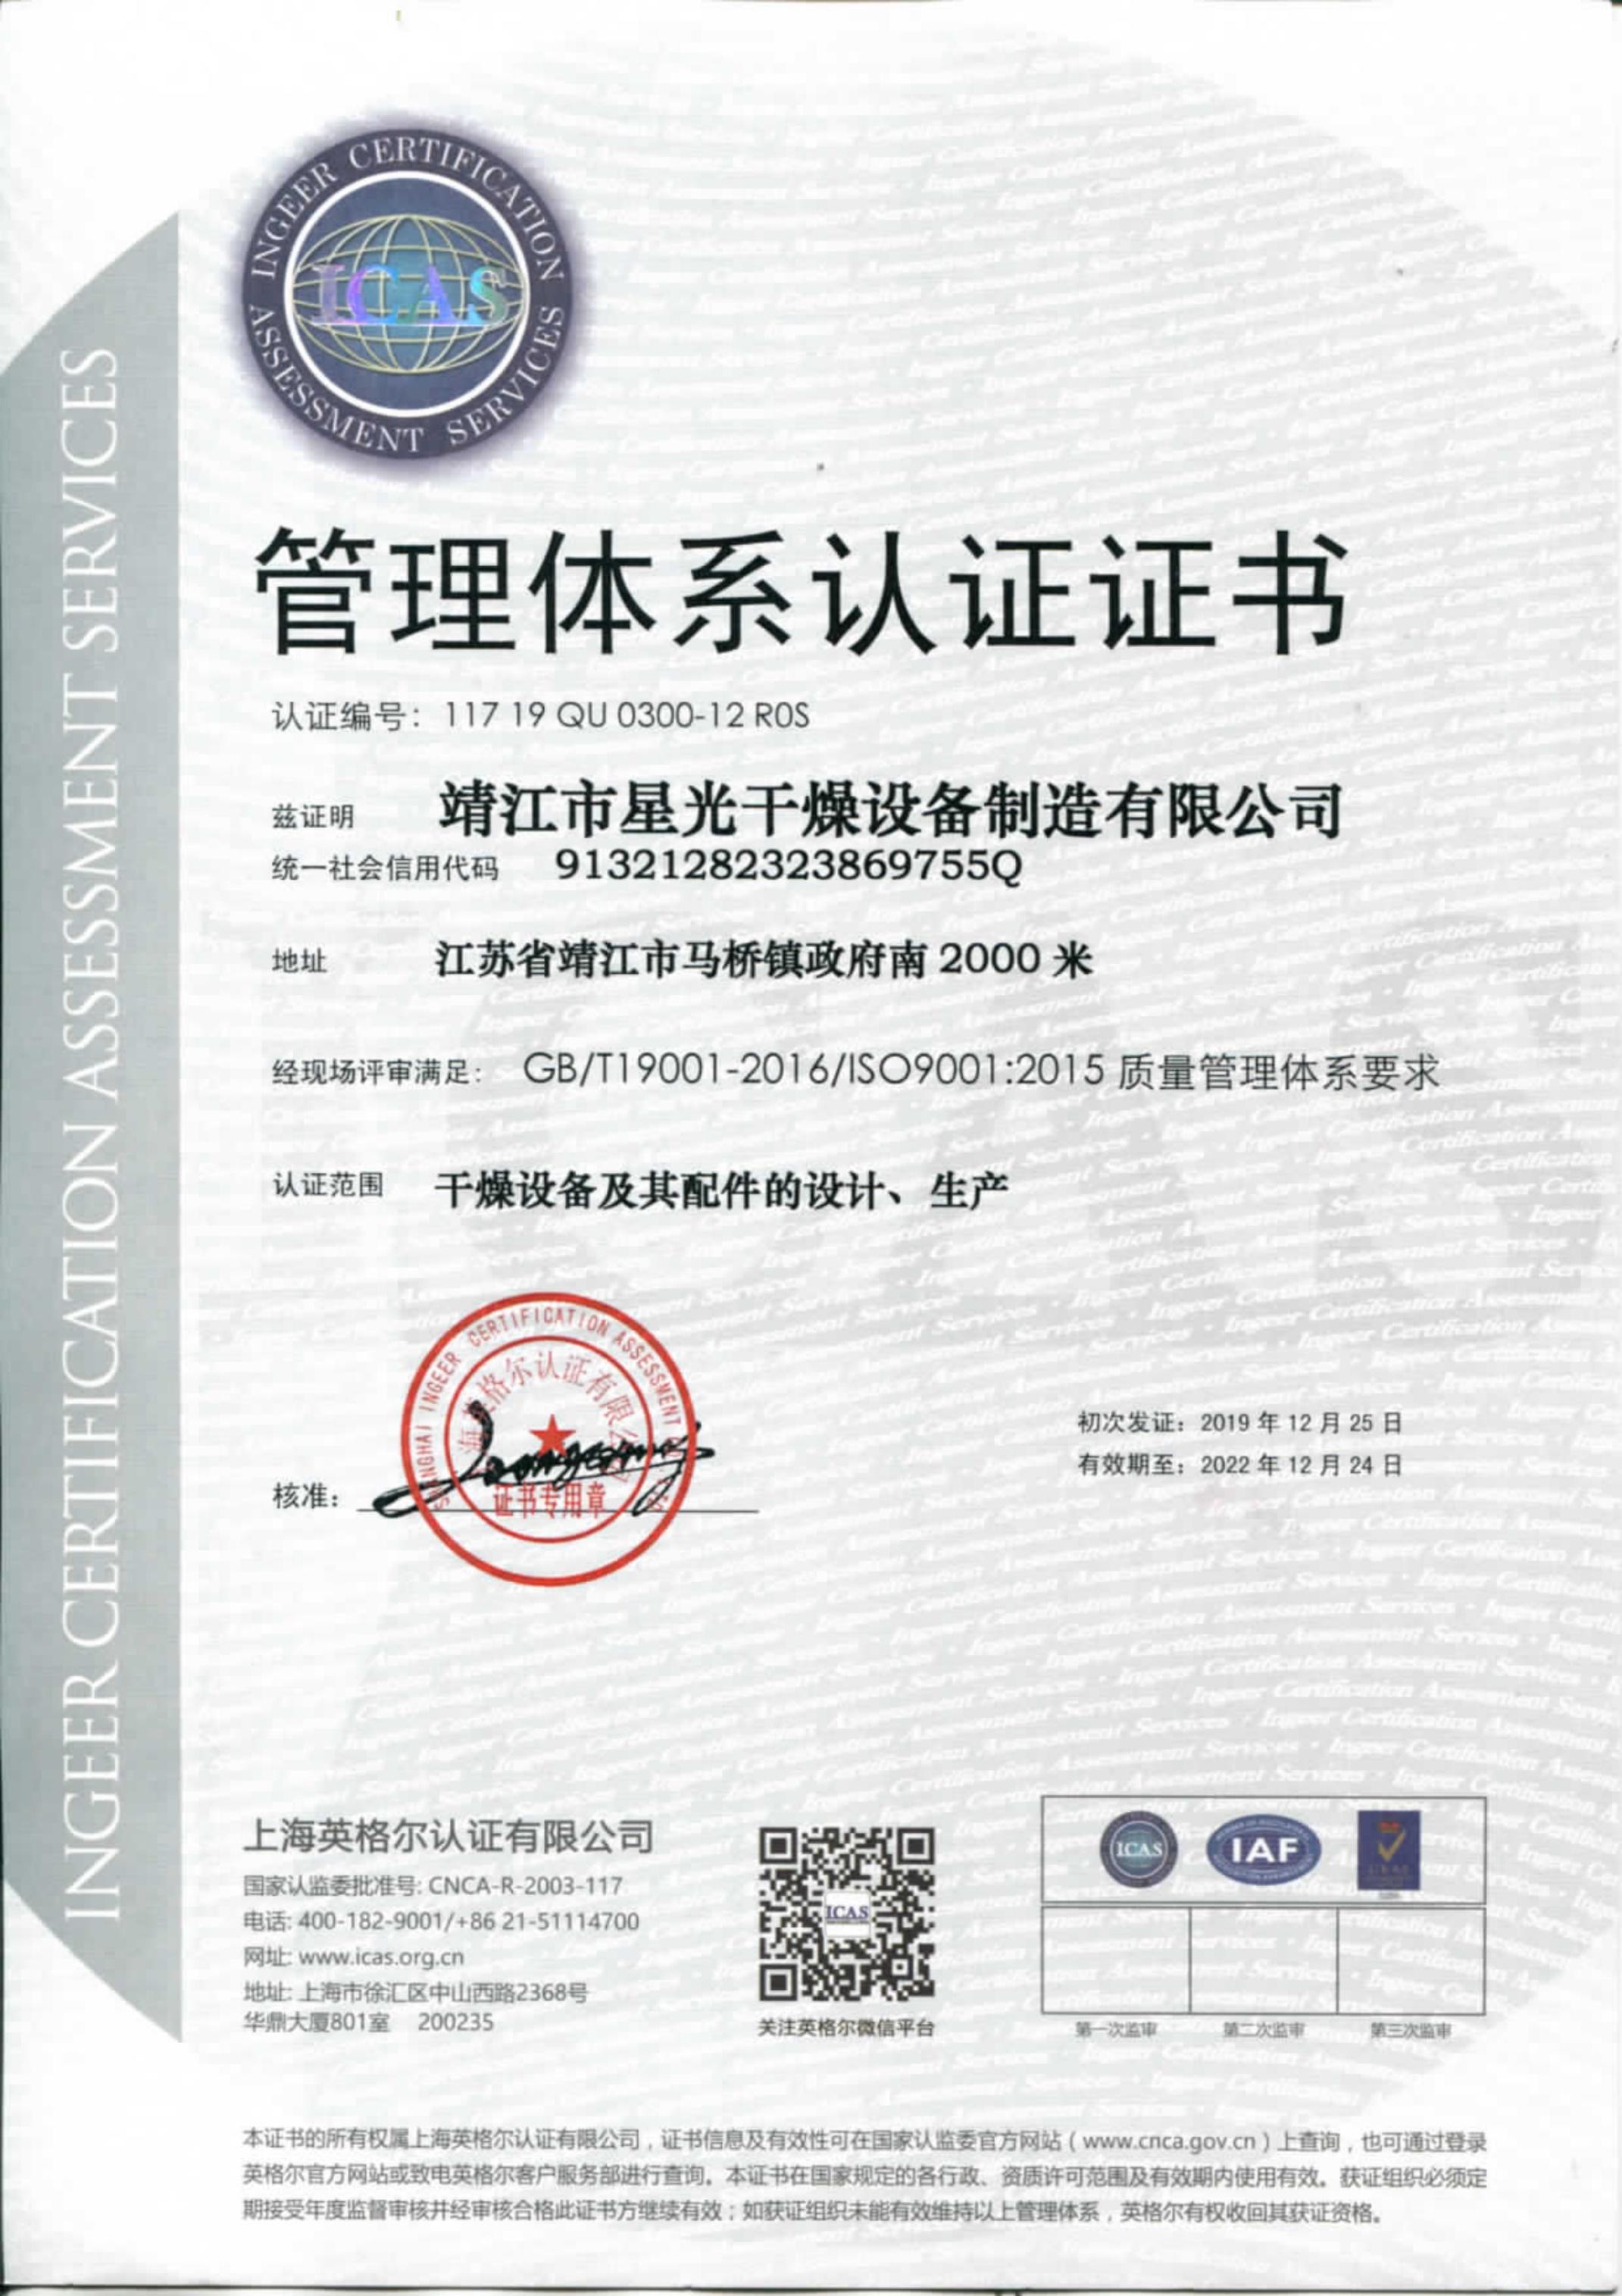 公司获得管理体系认证证书